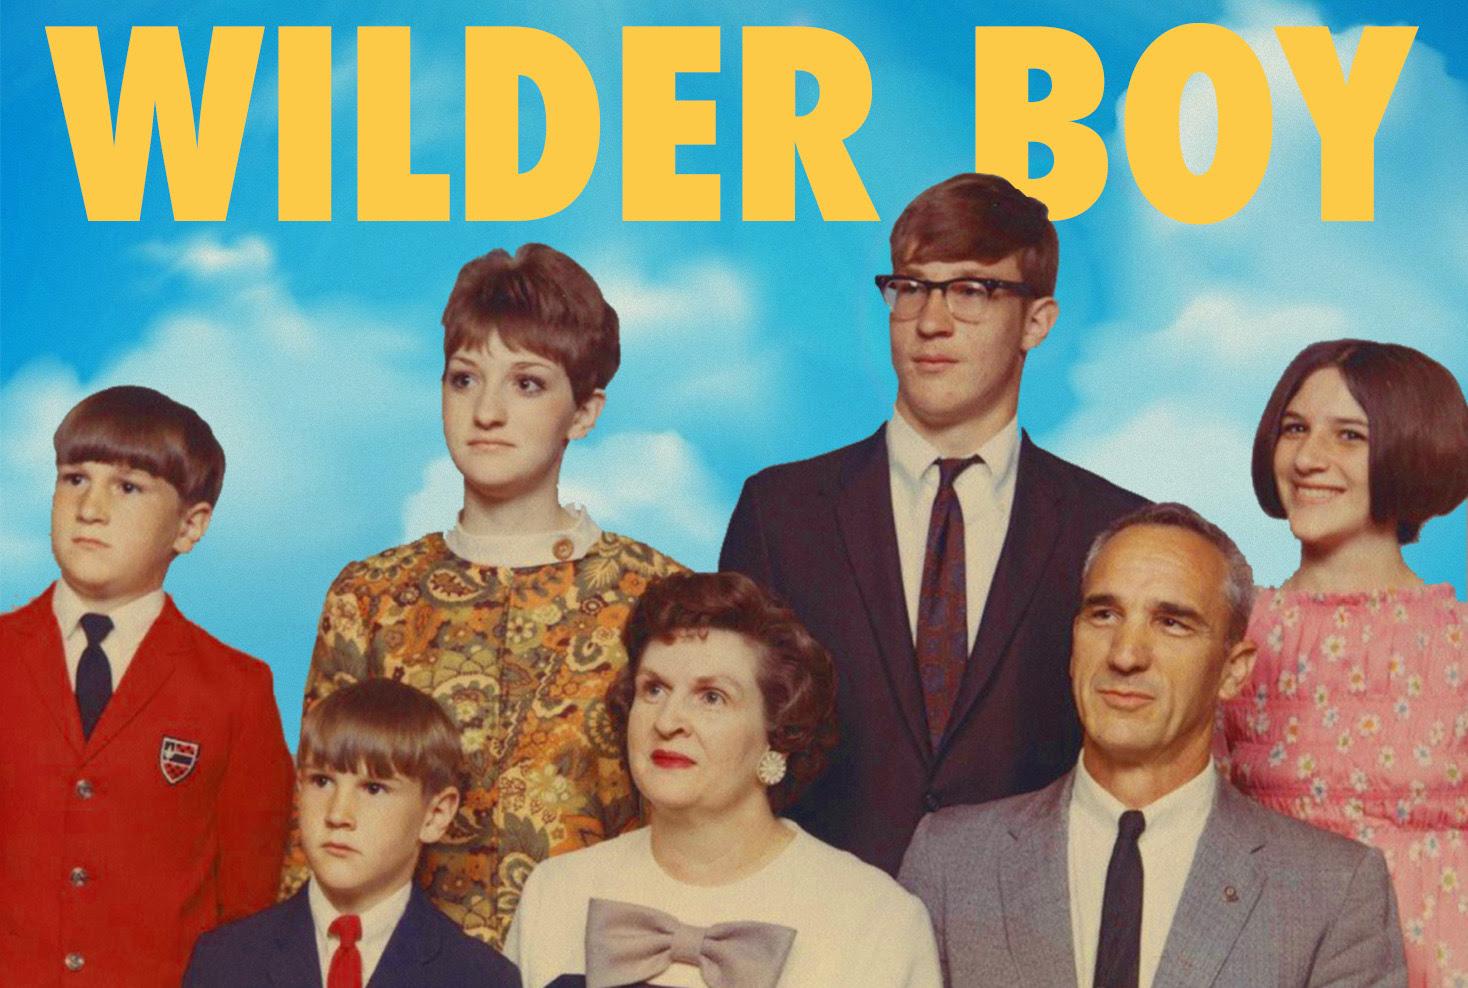 Wilder Boy: lo spettacolo teatrale tratto da una storia vera. In scena all'Ocra Montalcino